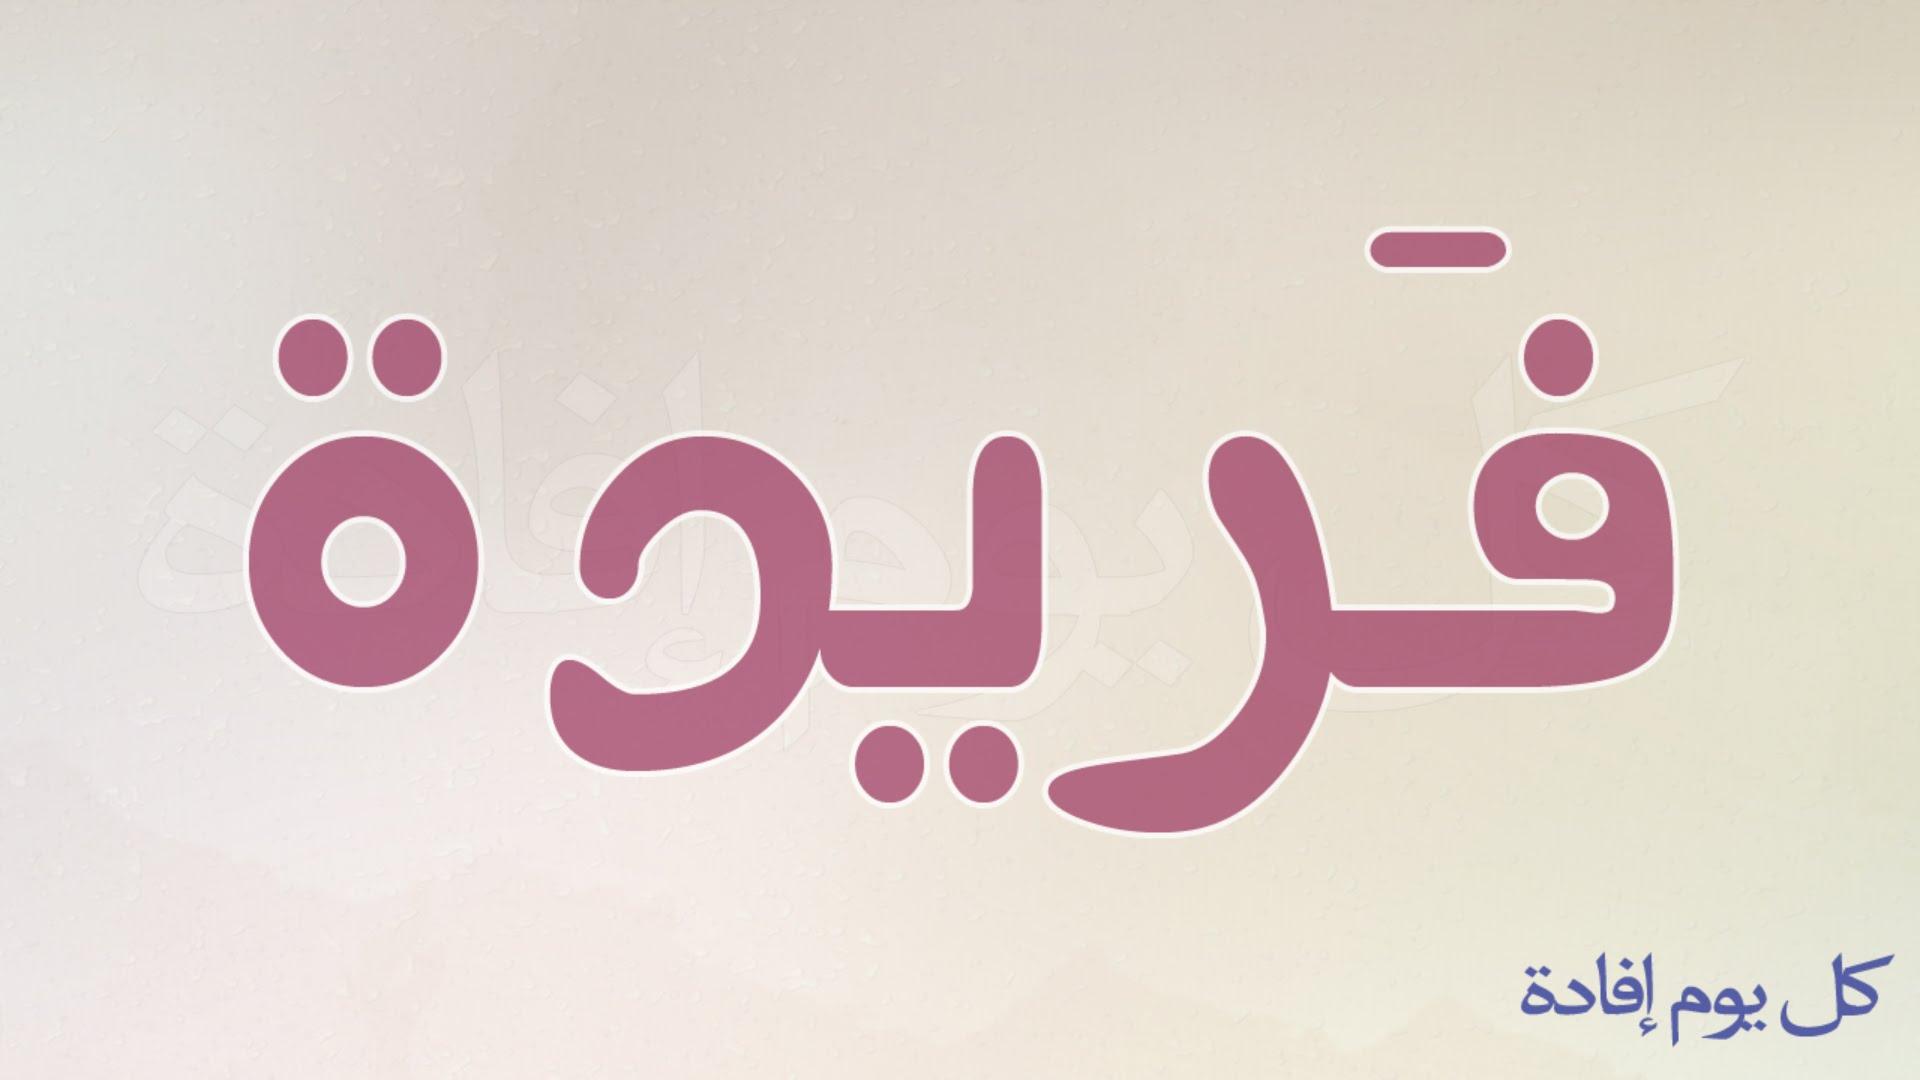 صور اسم فريدة تصميمات رمزية بأسم Farida (3)